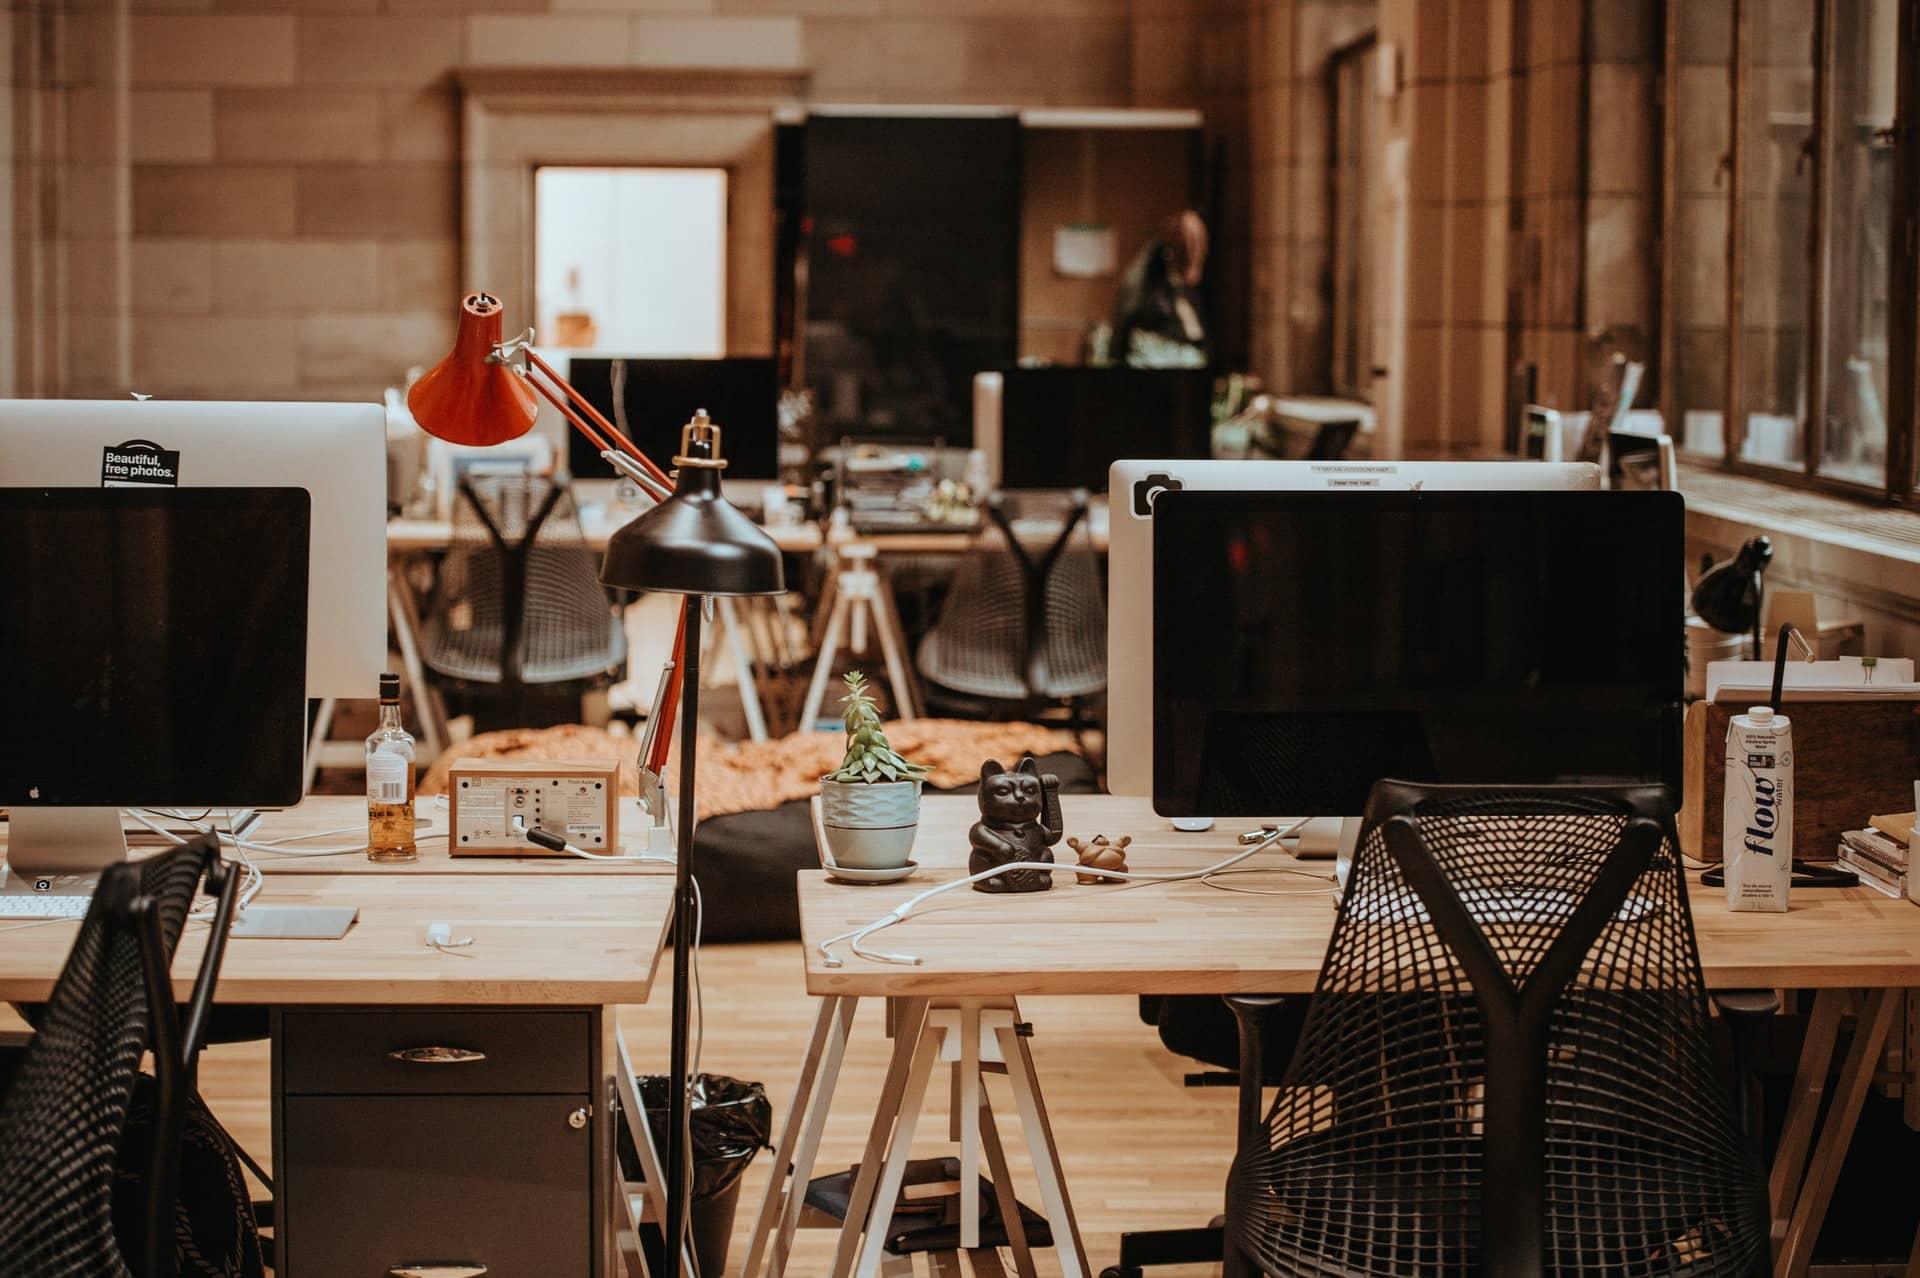 Business Hacks Startup Header Image